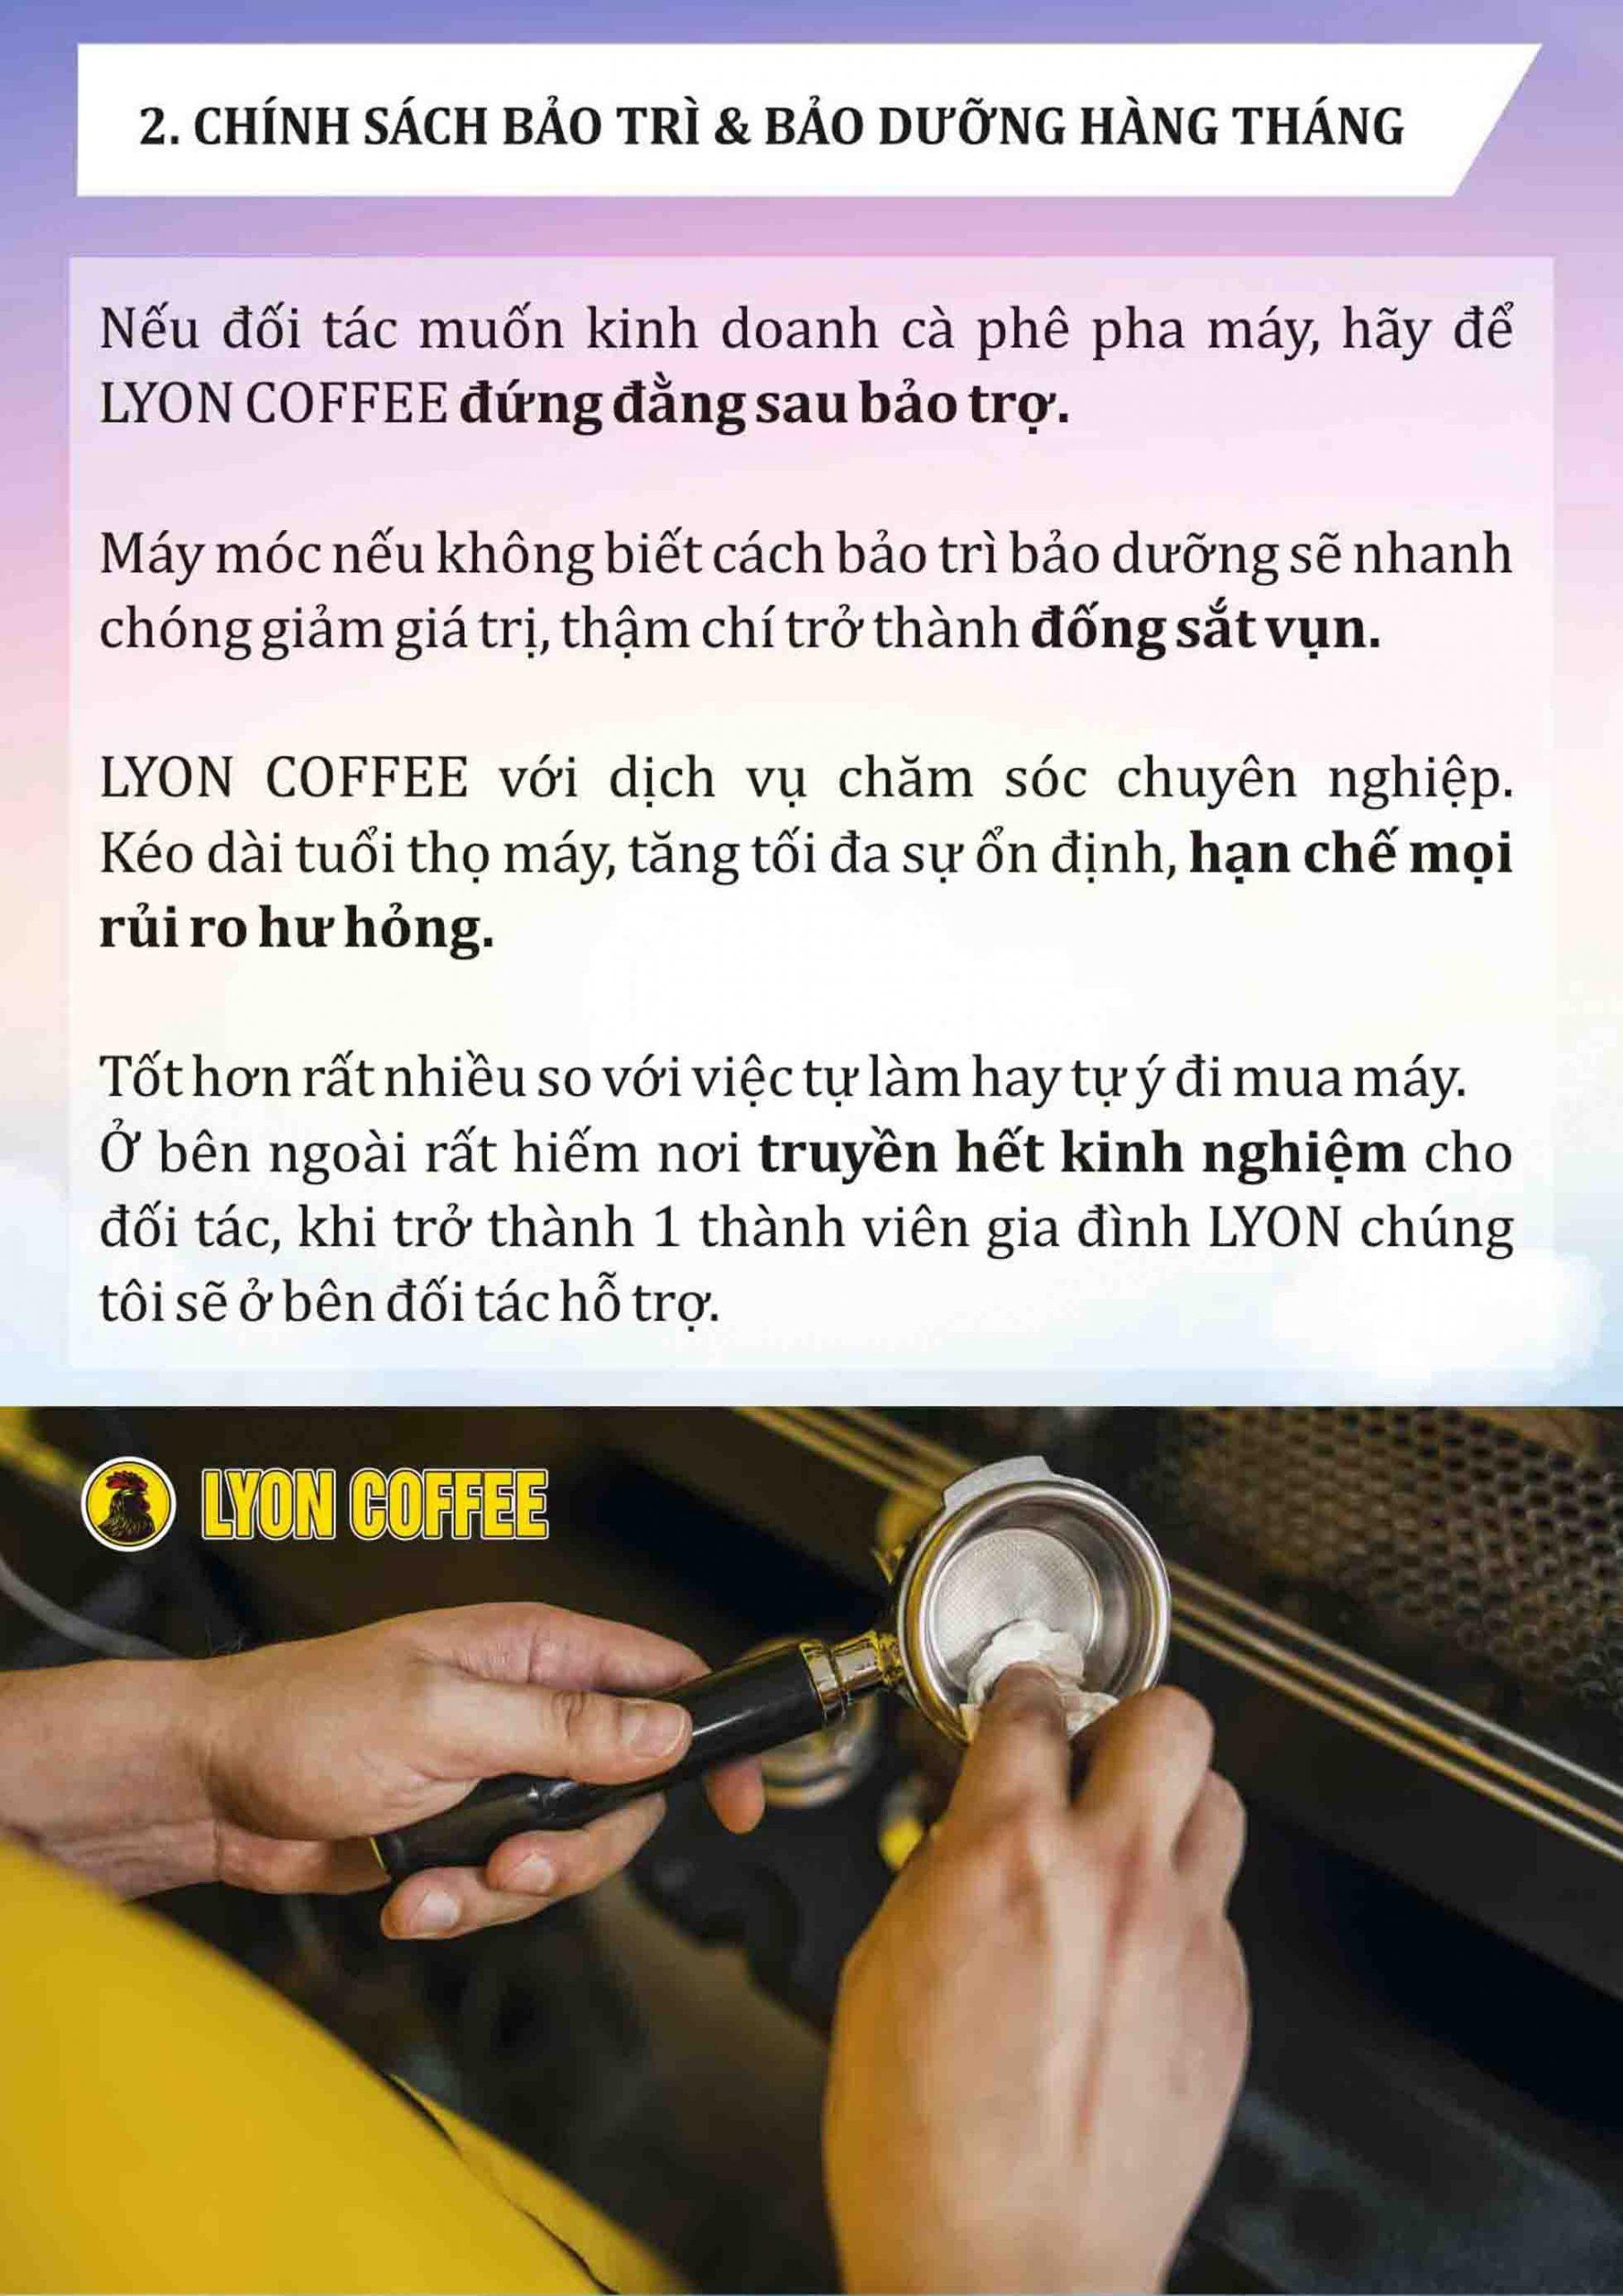 Bảo hành tốt hơn lâu hơn khi thanh lý máy pha cà phê, cafe cũ xịn giá rẻ